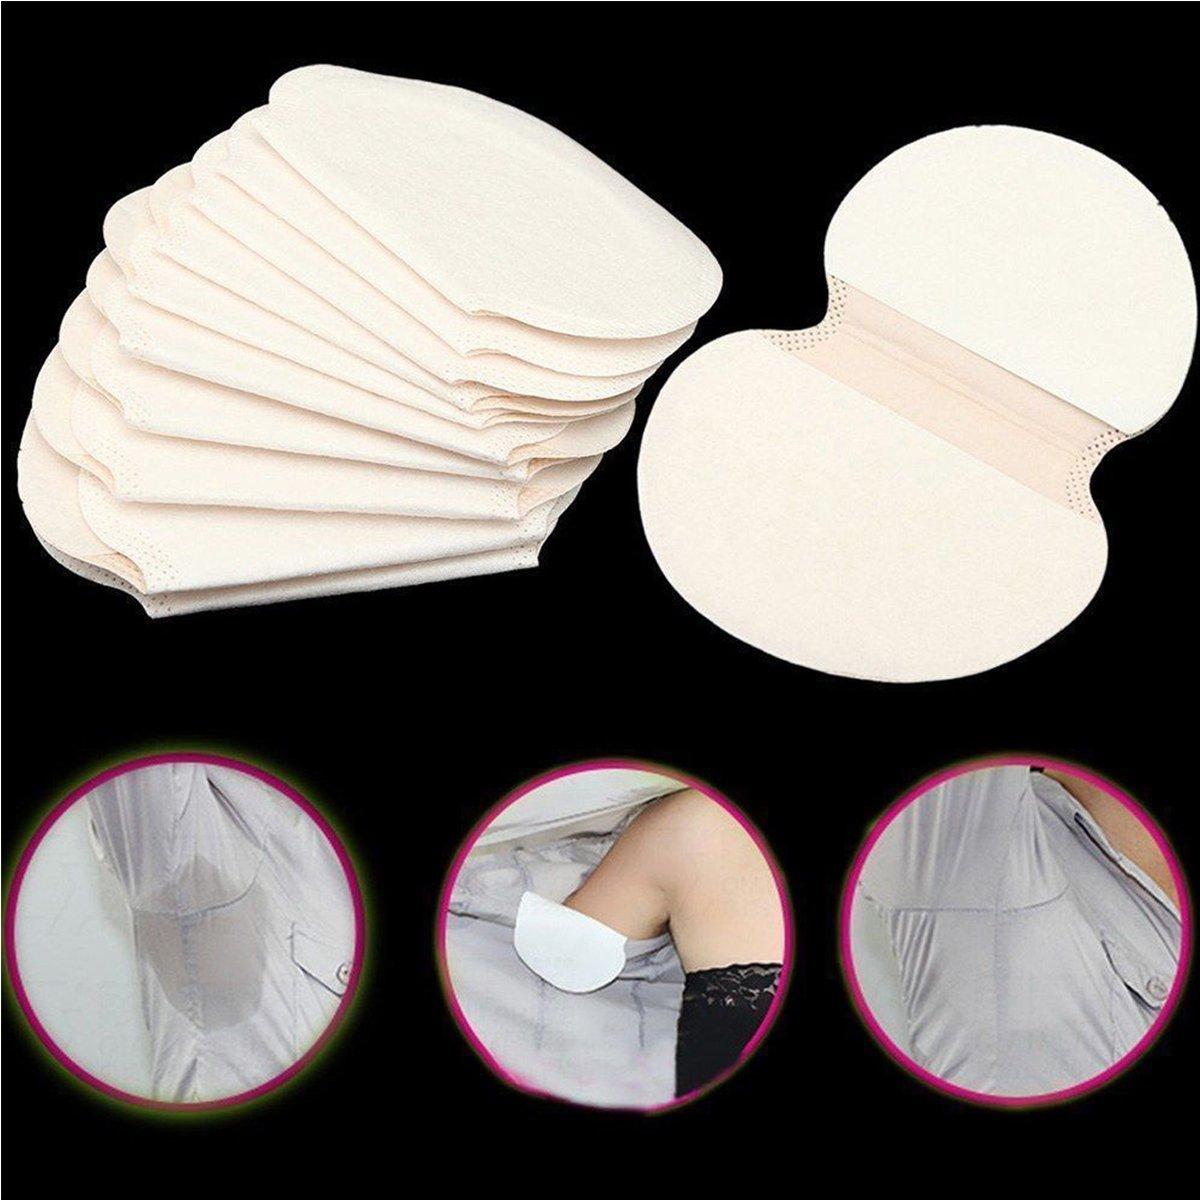 Patchs Anti-transpiration (chaque paquet contient 40 patchs)